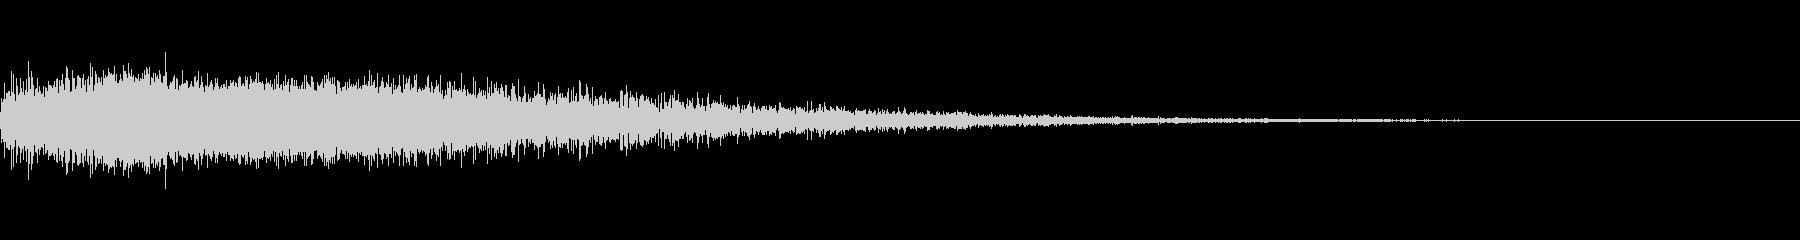 フーシー5ヘビーシンセフーシュの未再生の波形